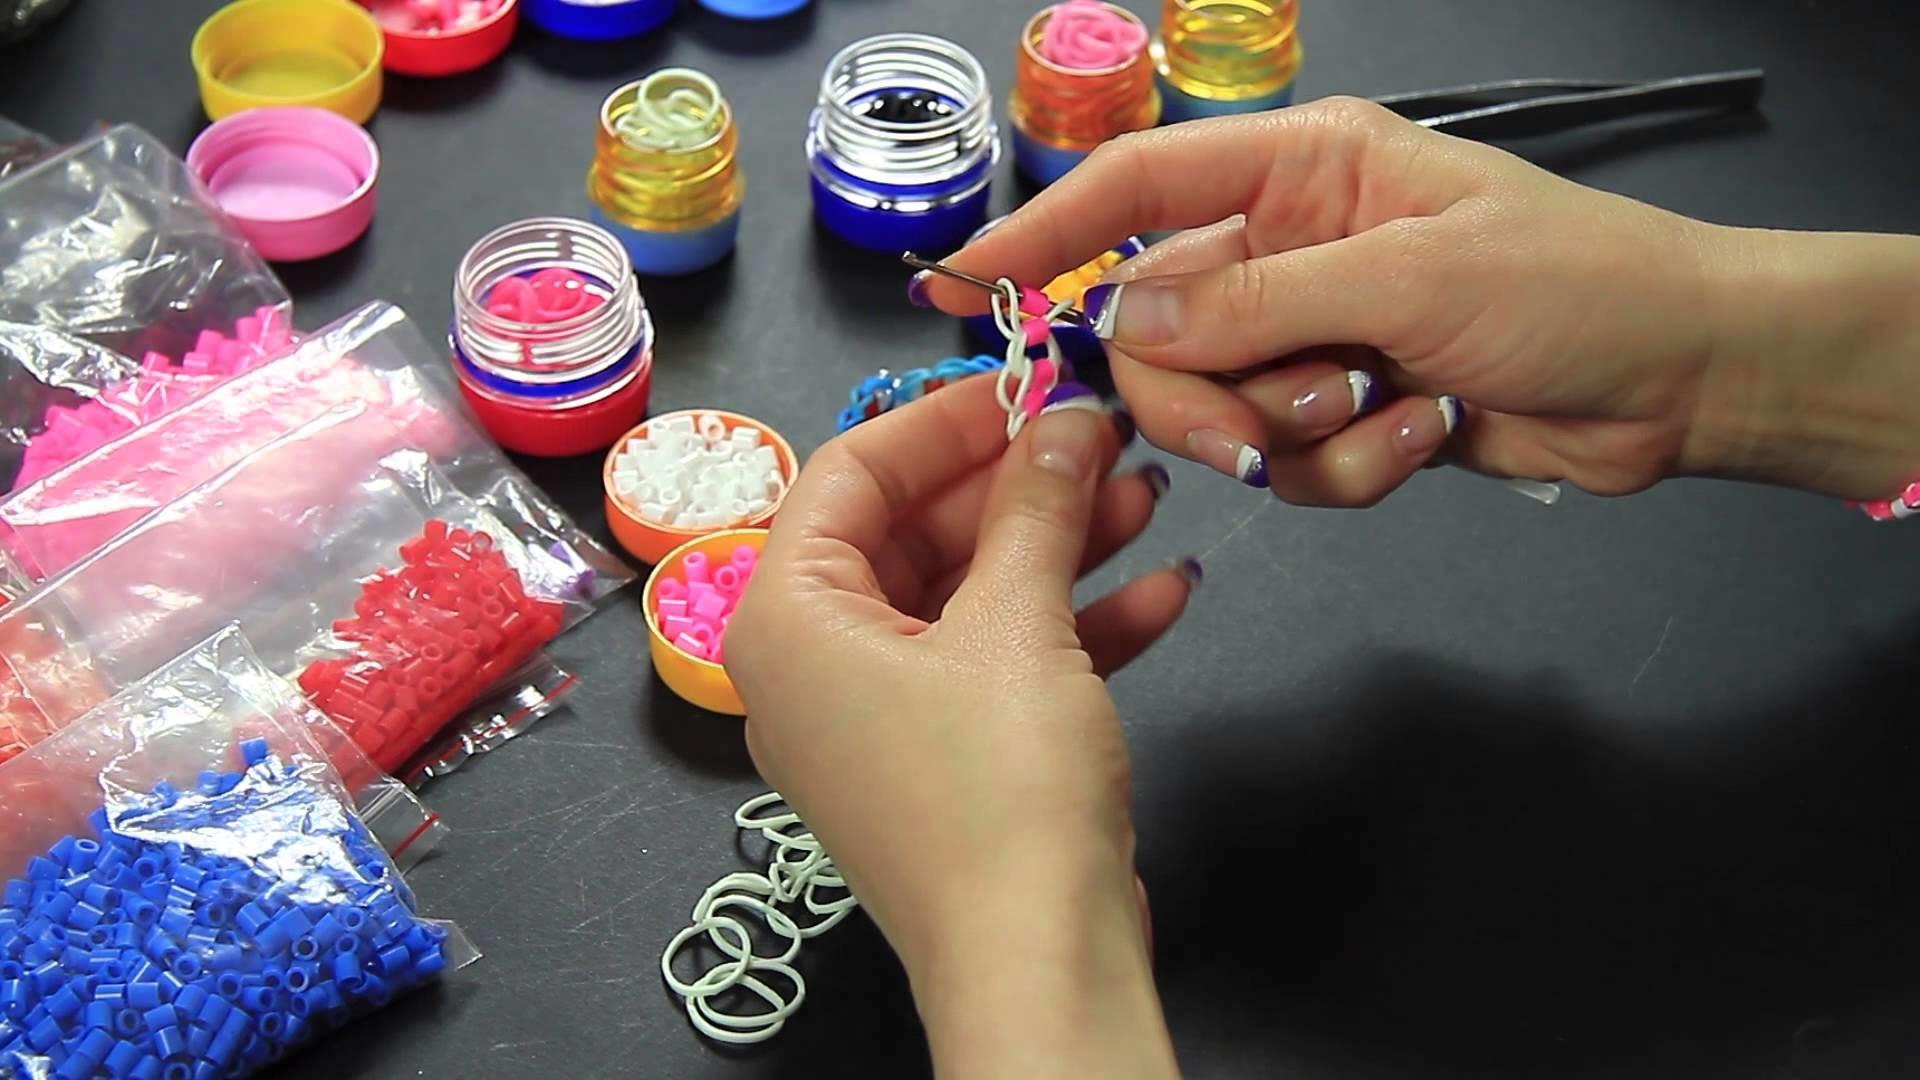 Video Tutorial Braccialetto Rainbow Loom con pyssla realizzato con uncinetto rosa bianco Full HD ITA